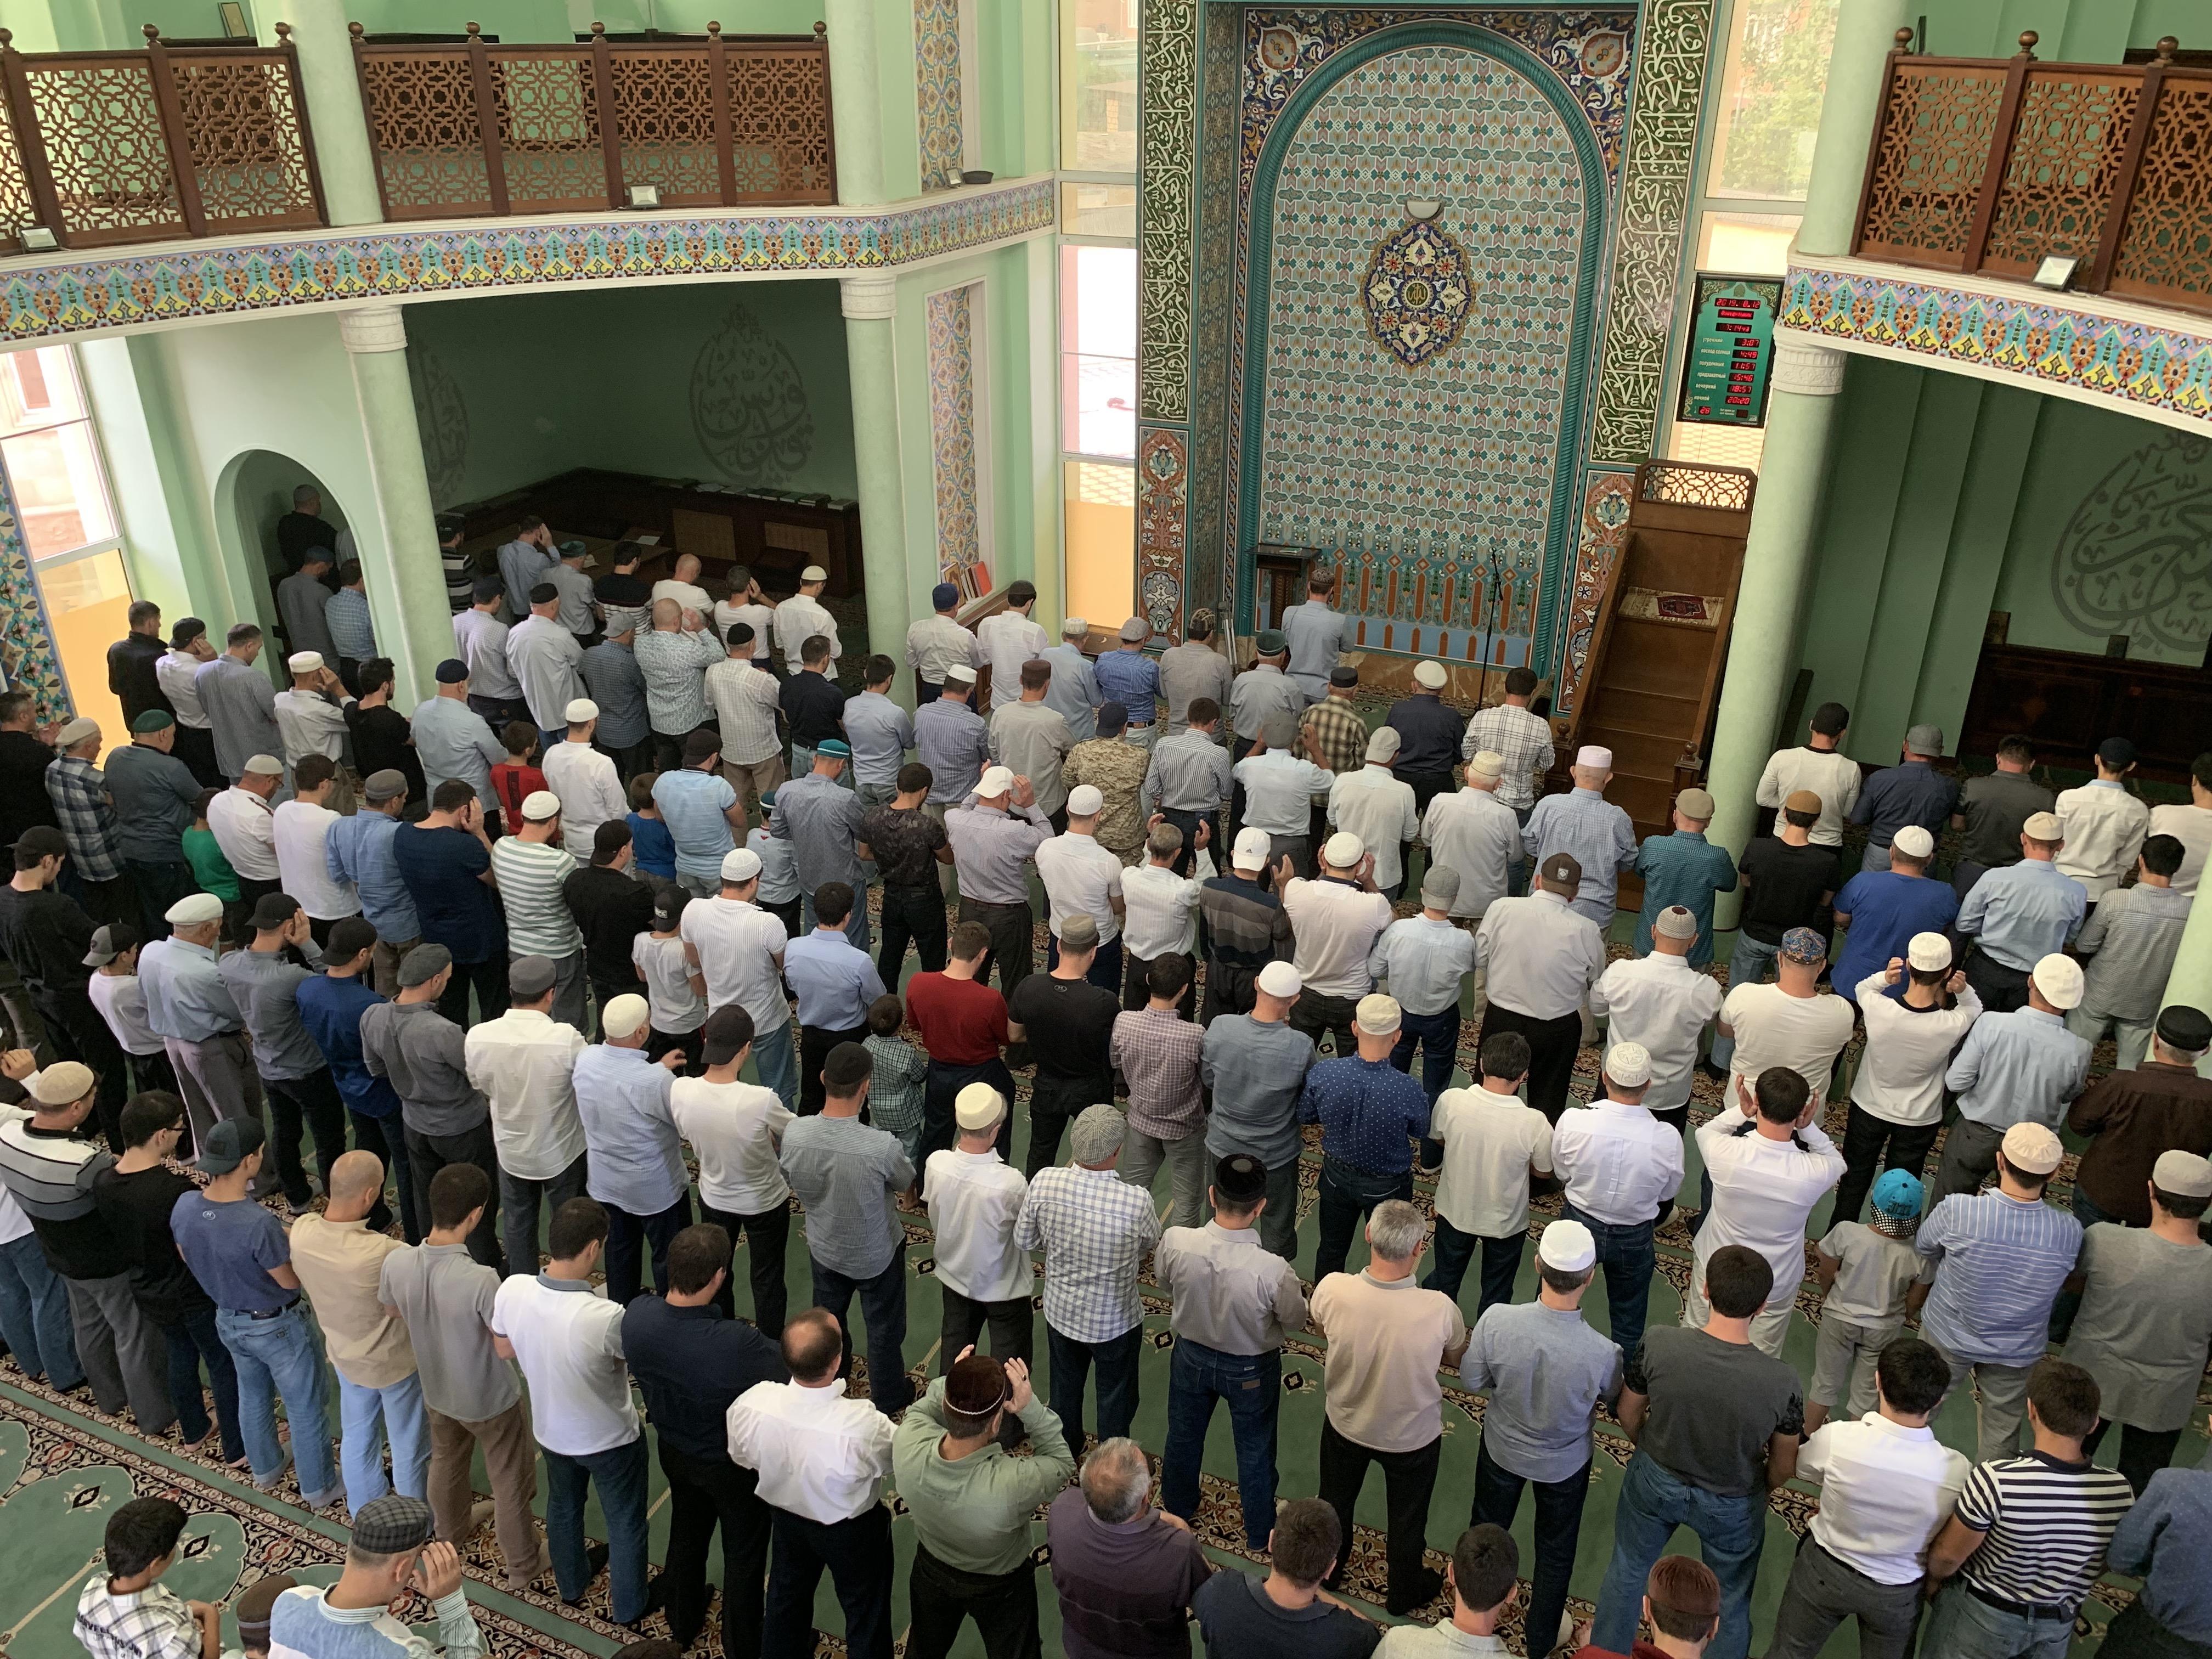 ДАГЕСТАН. Дербентцы отпраздновали праздник Курбан-Байрам